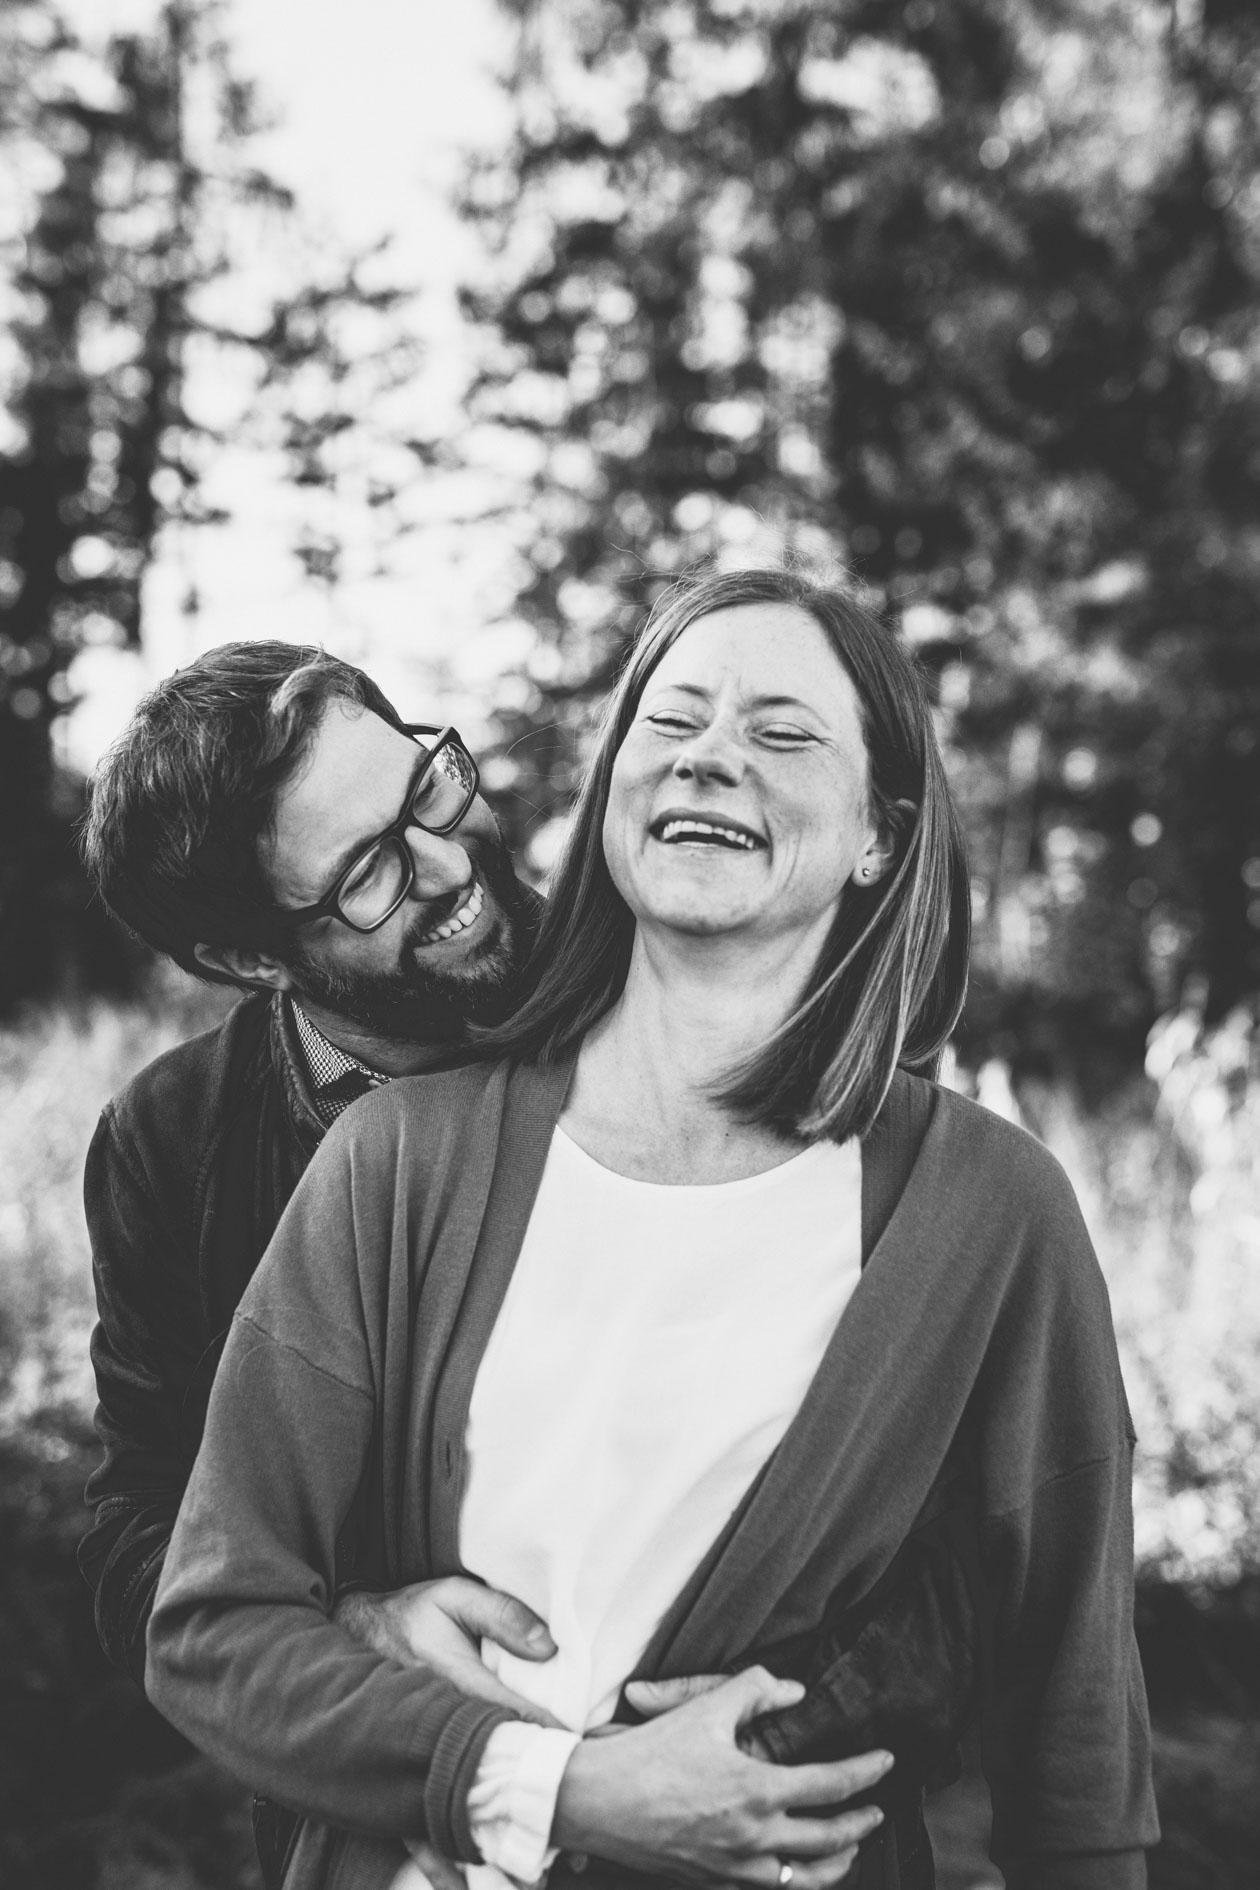 Familie Outdoor im Herbst Paarbildermit der Lichtzeichnerin Simone Lerner